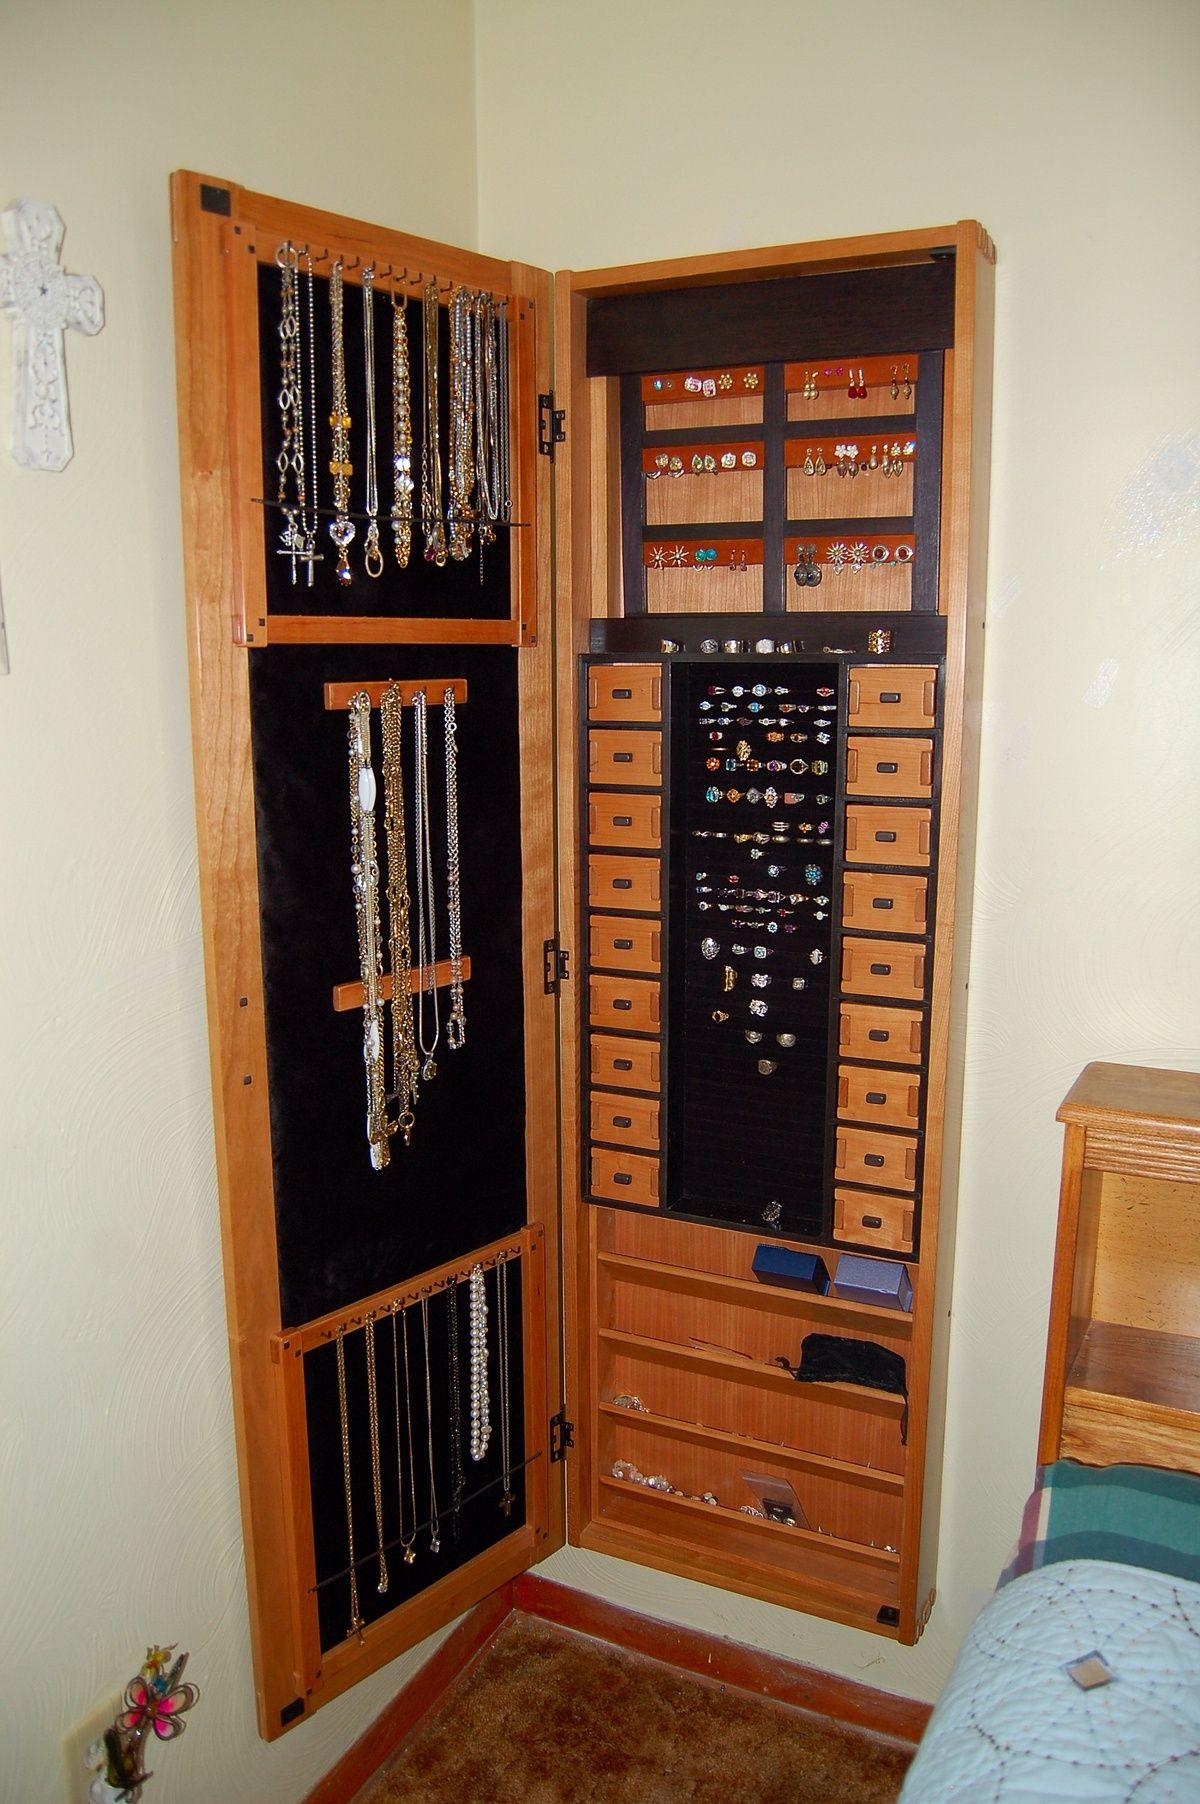 2f1246bb10c06e400b2ac637cf986662 Jpg 1 200 1 804 Pixels Jewelry Armoire Jewelry Armoire Ikea Jewelry Cabinet